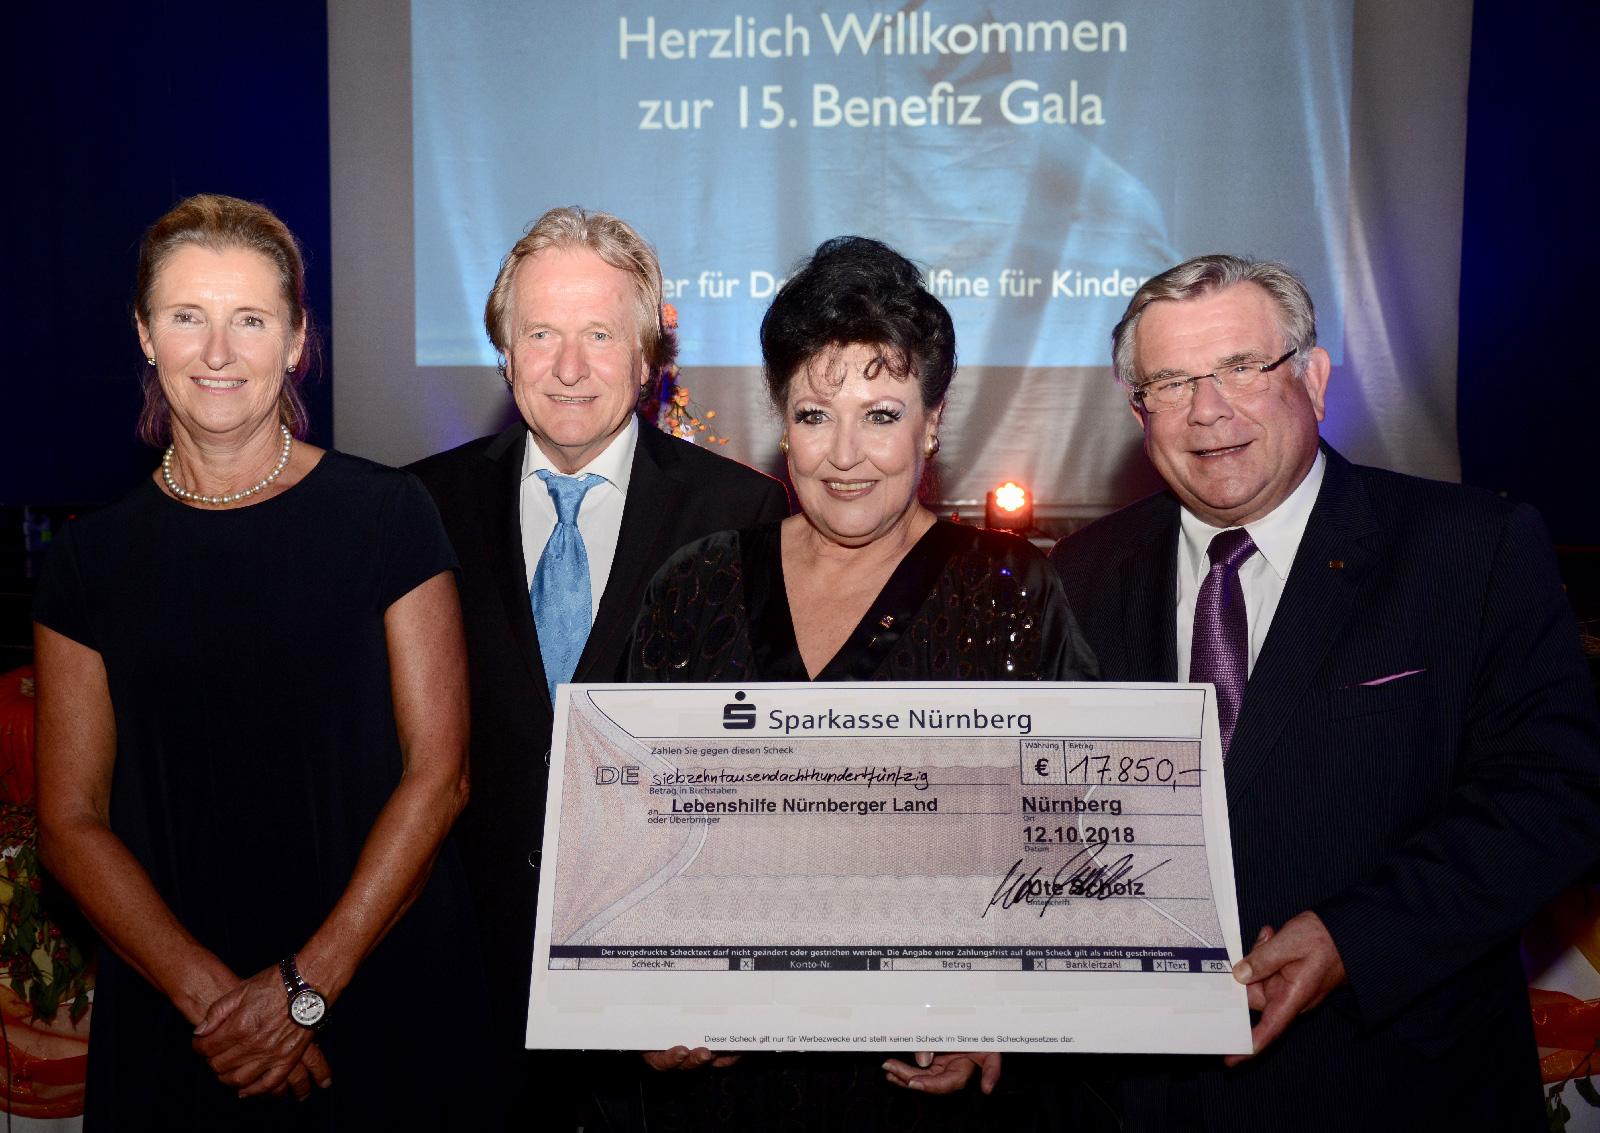 Eine weitere Spende rundete die Zahl auf dem Scheck auf 20.150 Euro auf. Ein neues Rekordergebnis der 15. Gala von Ute Scholz mit der sich (v.l.) die stellvertretende Vorsitzende der Lebenshilfe, Monika Haslberger, Dr. Lorenzo von Fersen, Projektleiter de